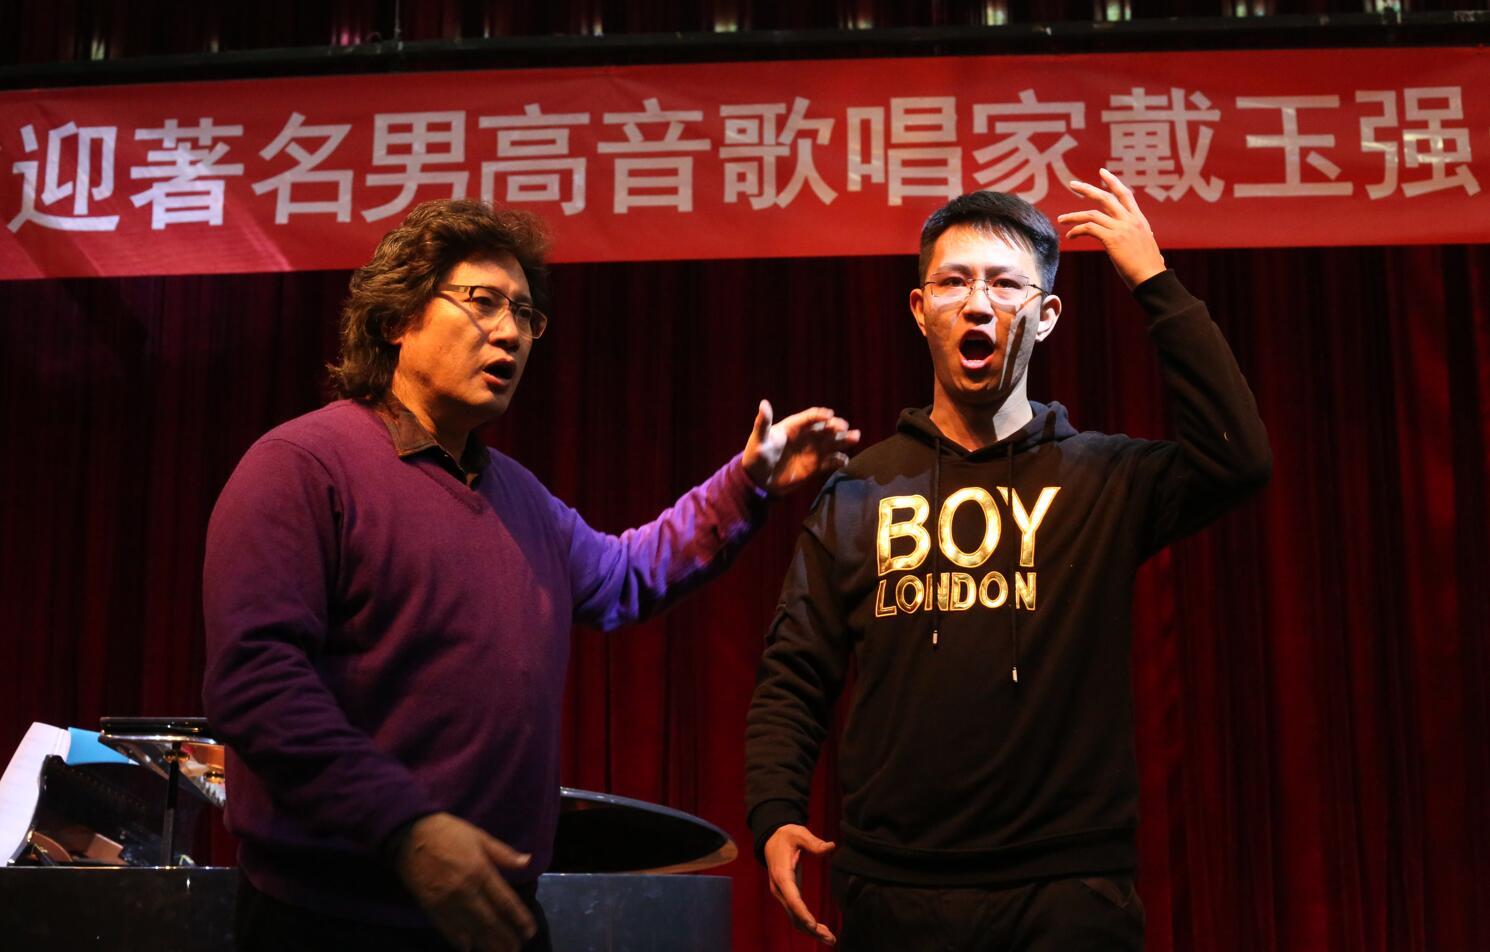 著名男高音歌唱家戴玉强老师来北京亚博国际网页登录亚博娱乐下载地址亚博体育在线下载参观访问